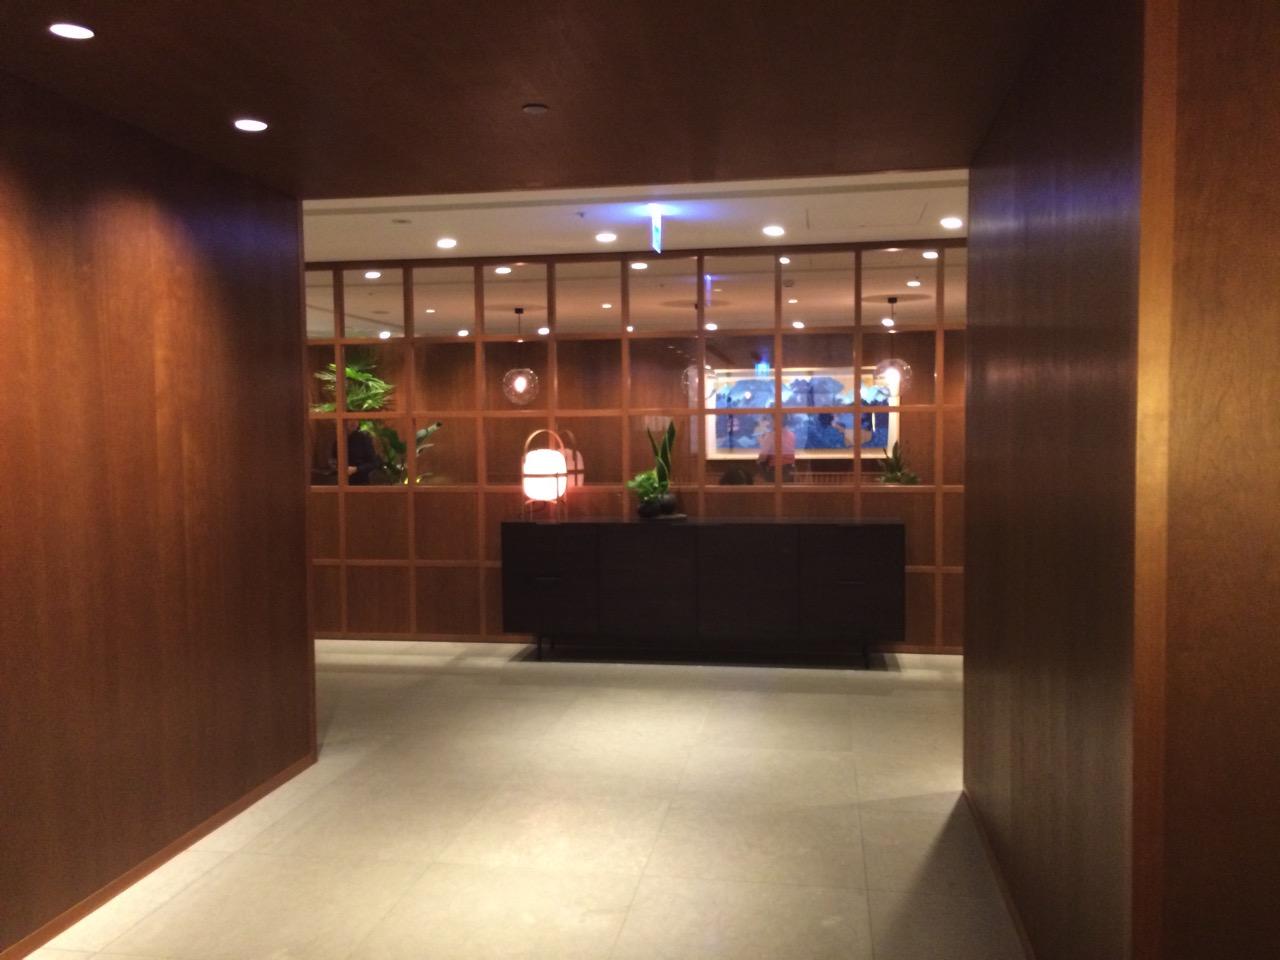 台湾桃園国際空港キャセイパシフィック航空ビジネスラウンジ